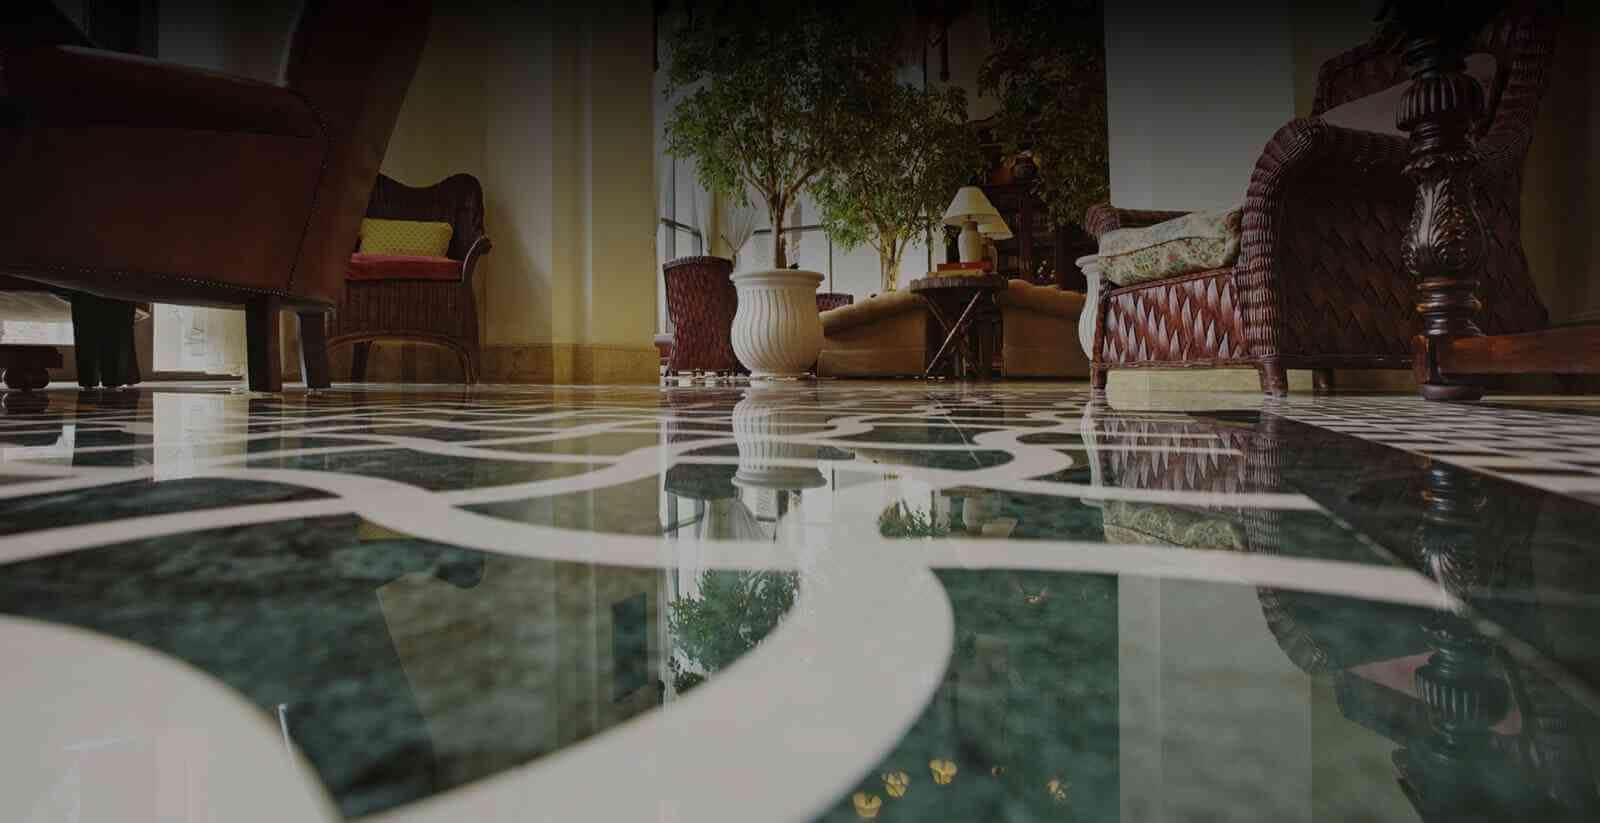 green-marble-floor